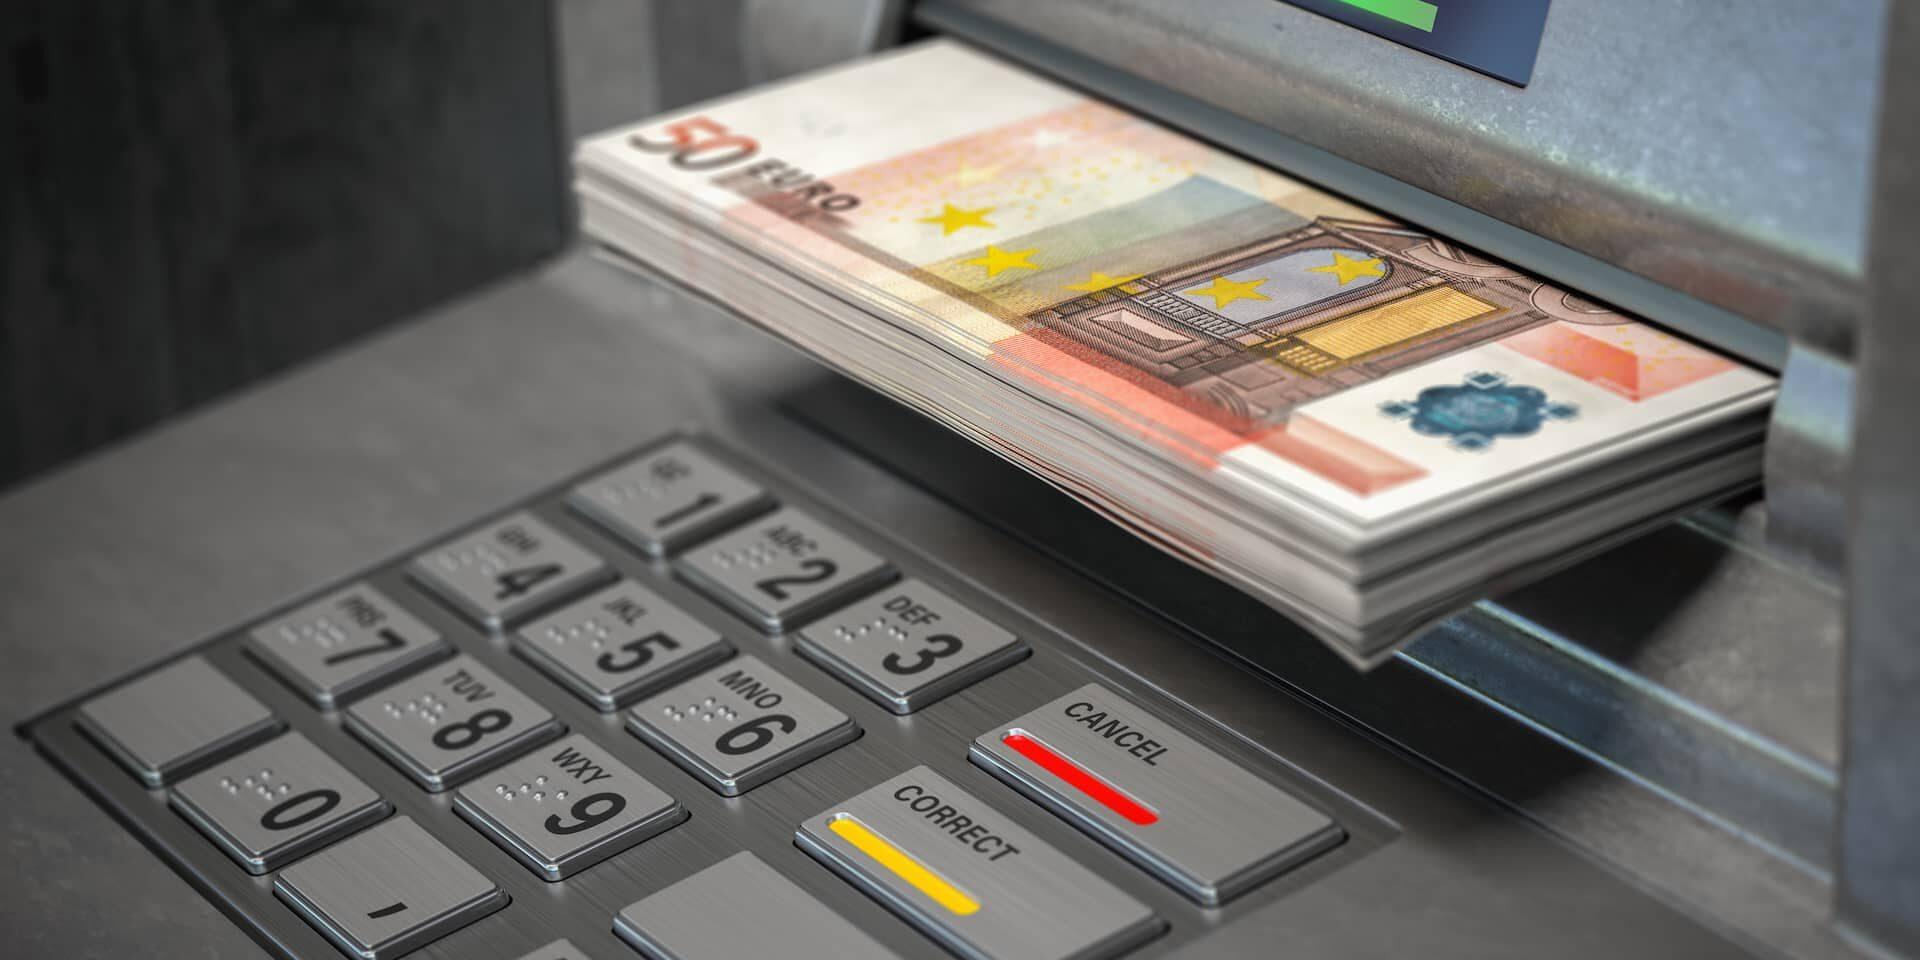 Hae lainaa heti netistä ilman vakuuksia - Vakudeeton laina nopeasti tilille - Valitse paras lainatarjous